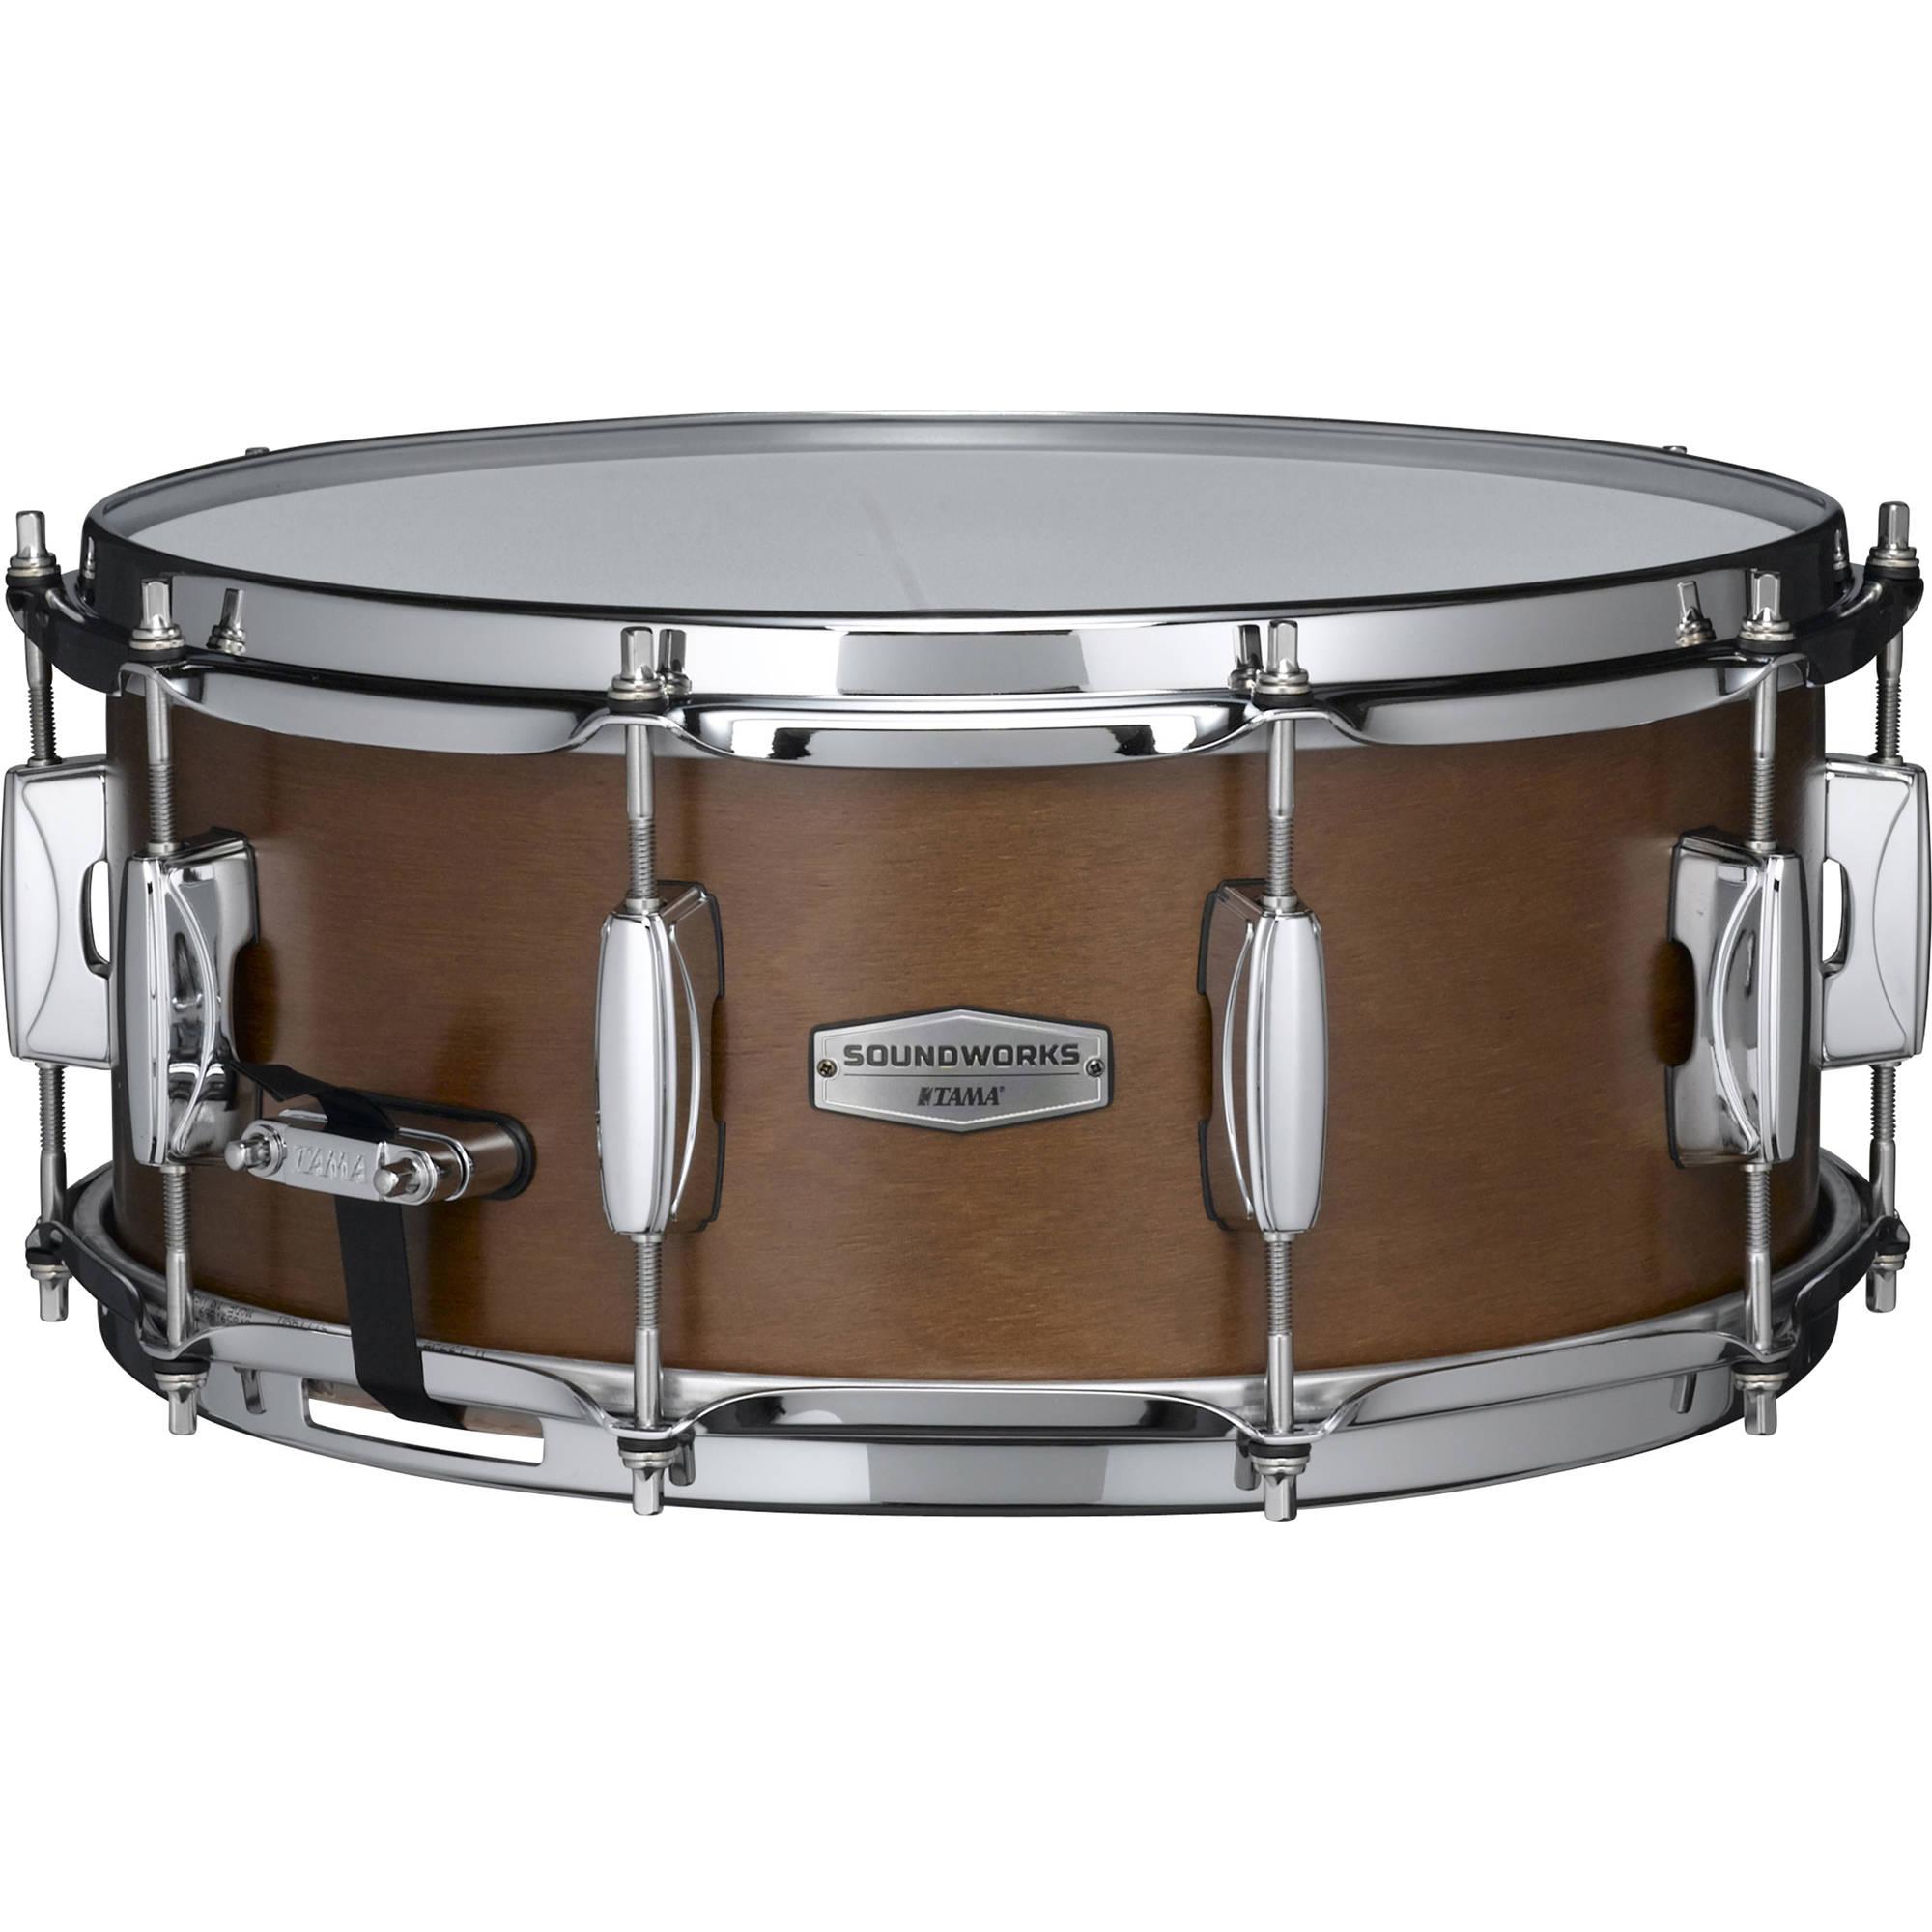 tama soundworks dkp146 kapur snare drum dkp146mrk b h photo. Black Bedroom Furniture Sets. Home Design Ideas